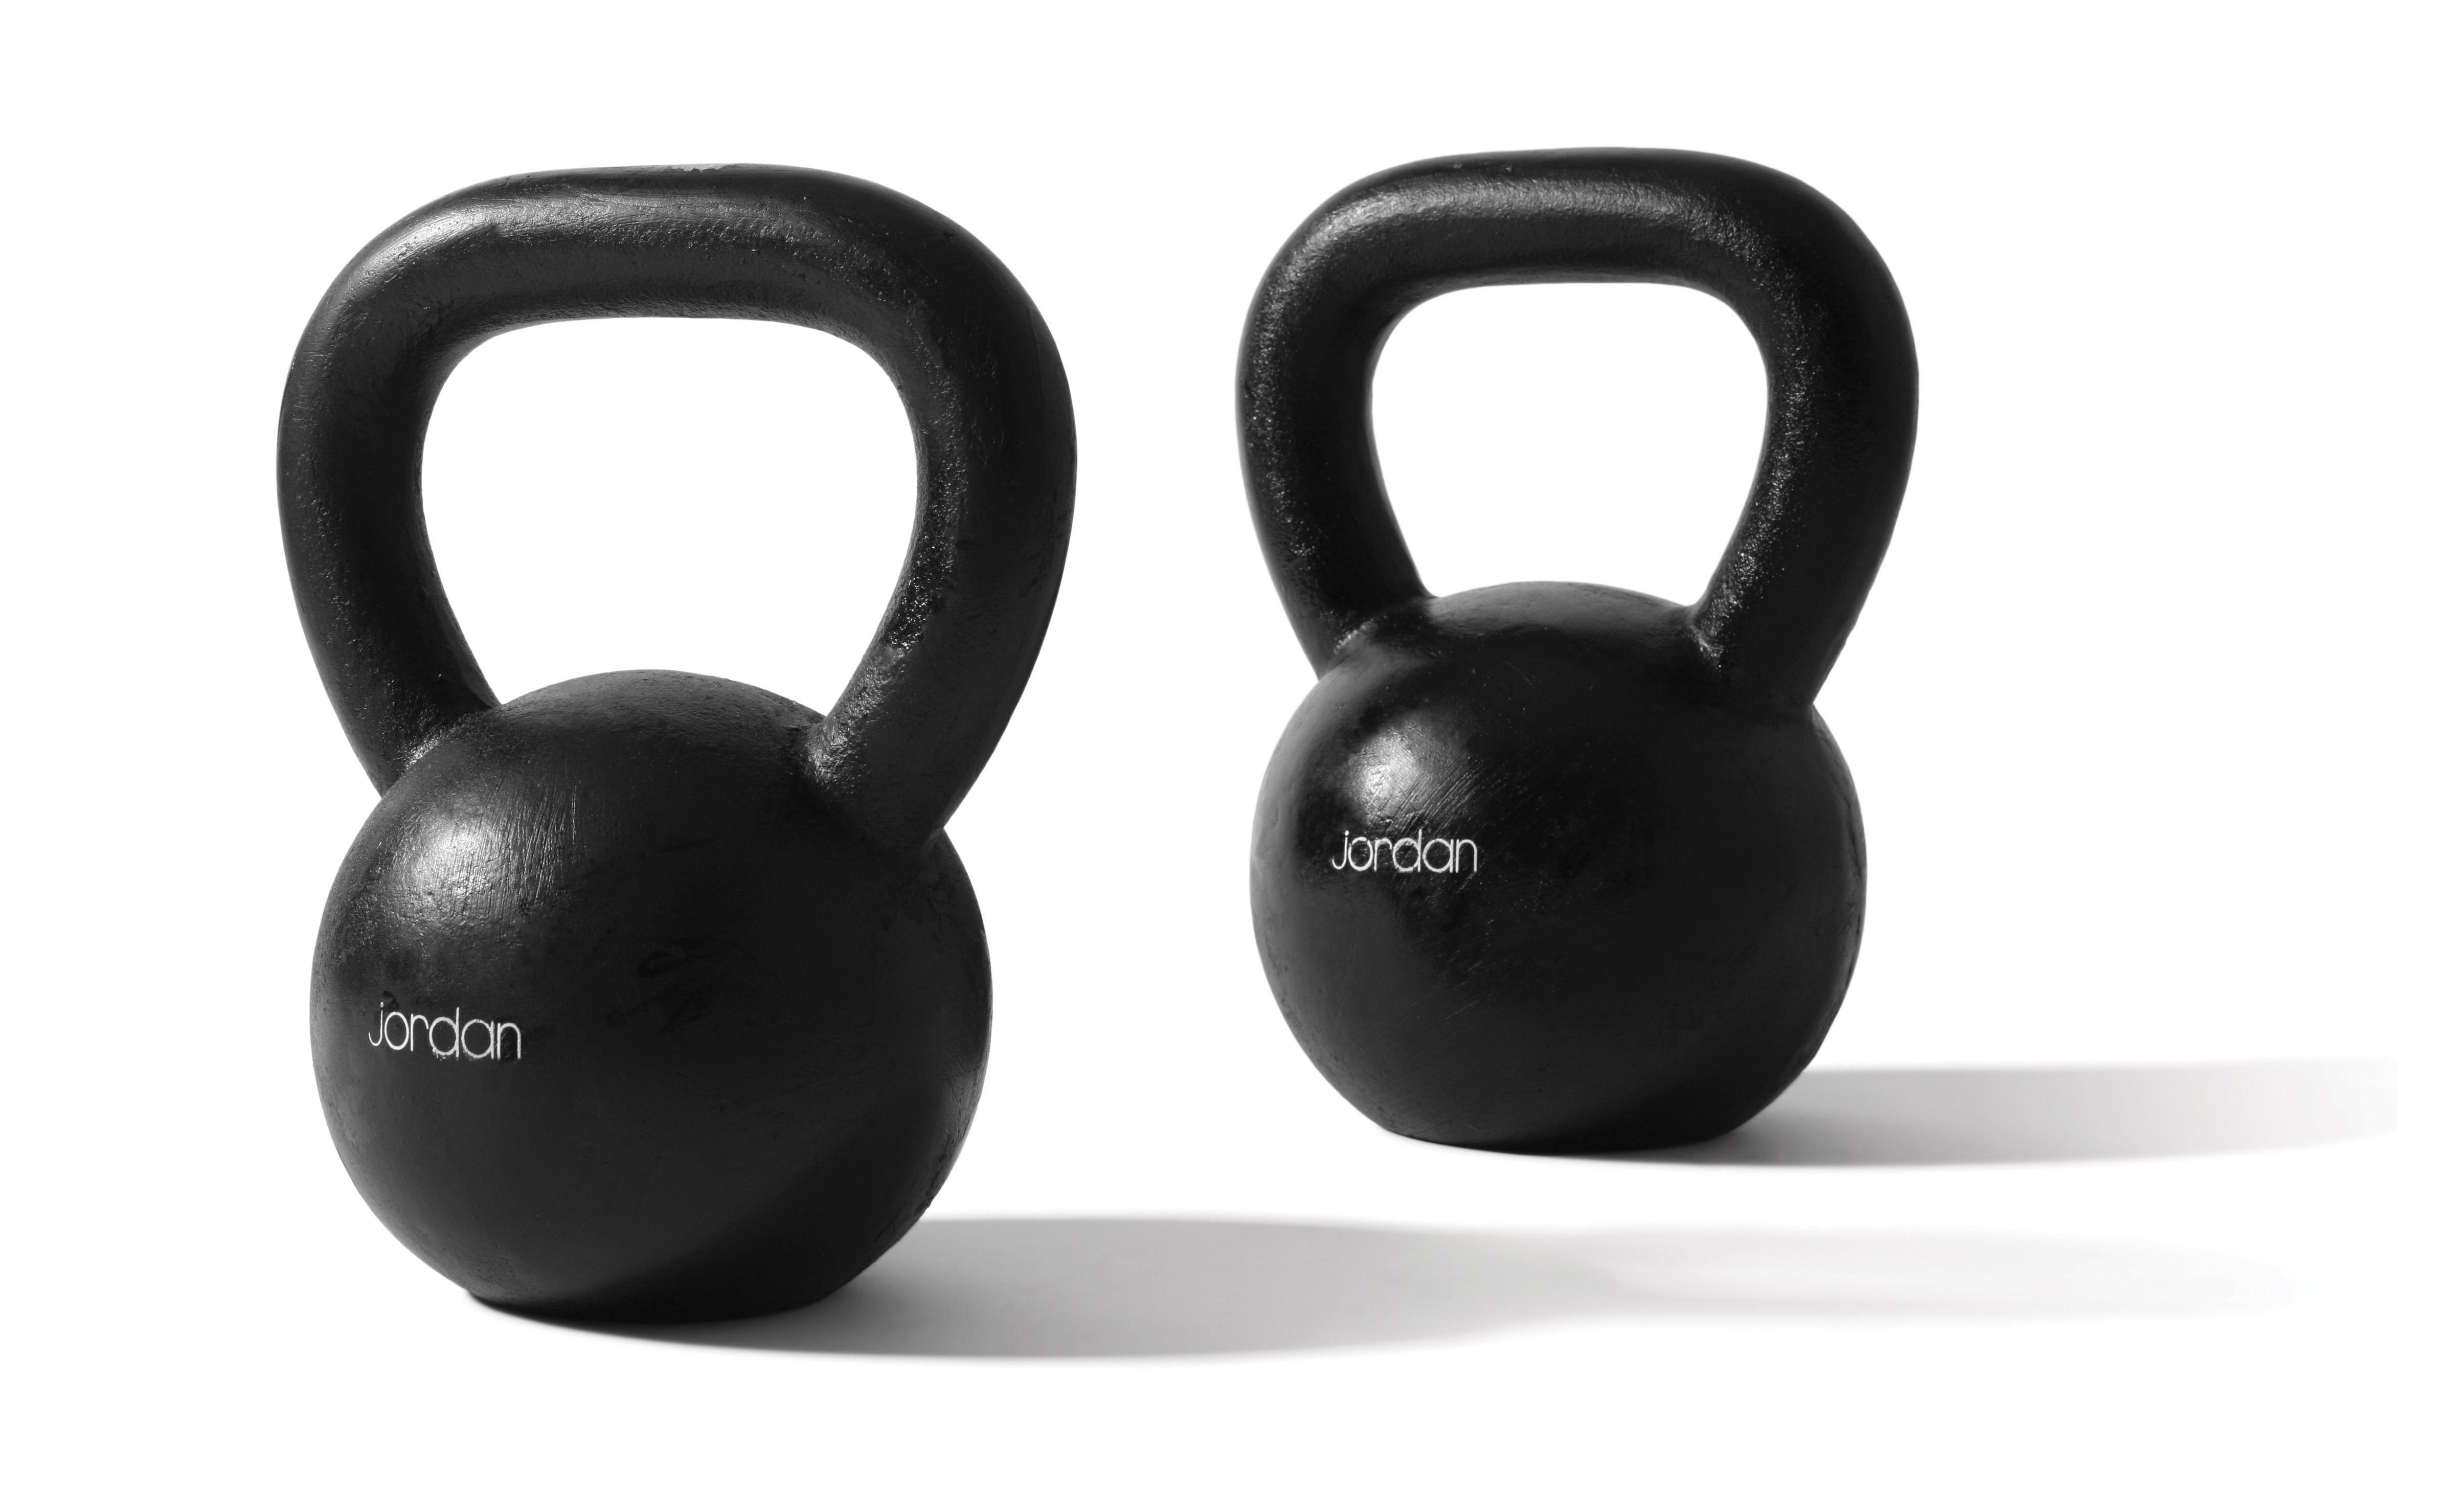 Cast Iron Kettlebell Womens Beginner Set (1 x 4kg, 1 x 8kg, 1 x 12kg)